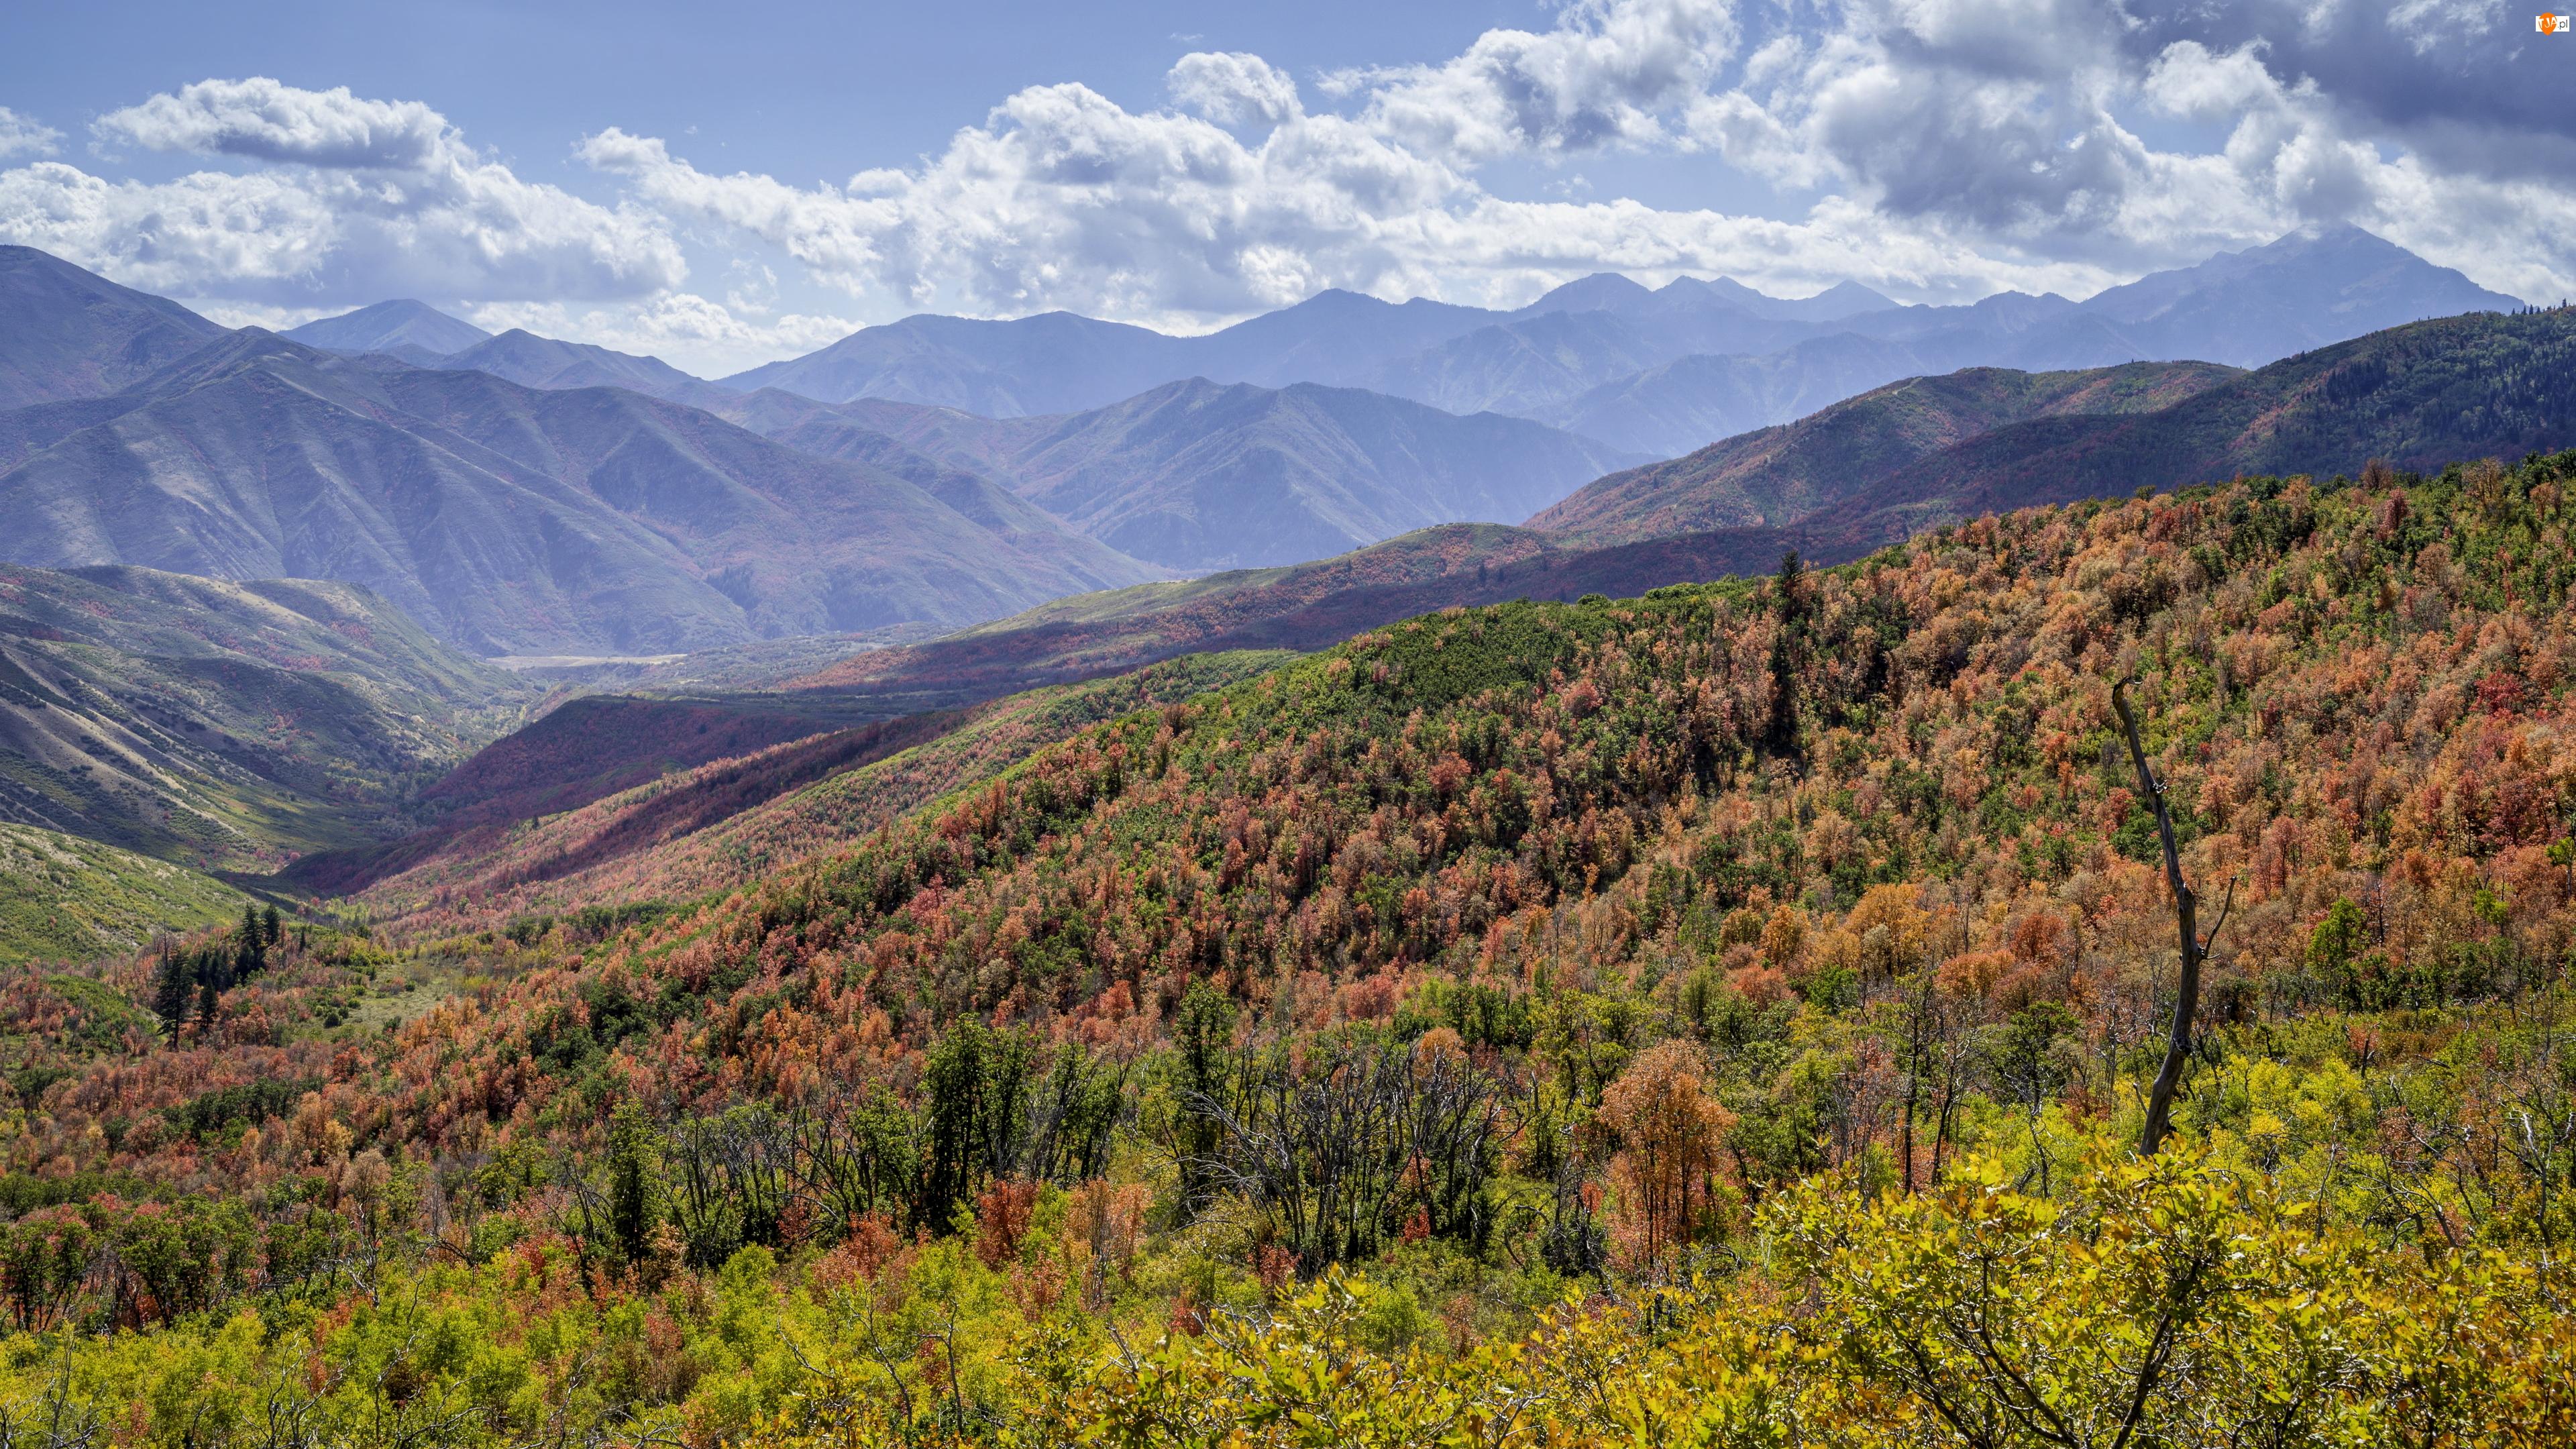 Stany Zjednoczone, Krzewy, Wzgórza, Rośliny, Góry Wasatch, Jesień, Chmury, Niebo, Kolorowe, Stan Utah